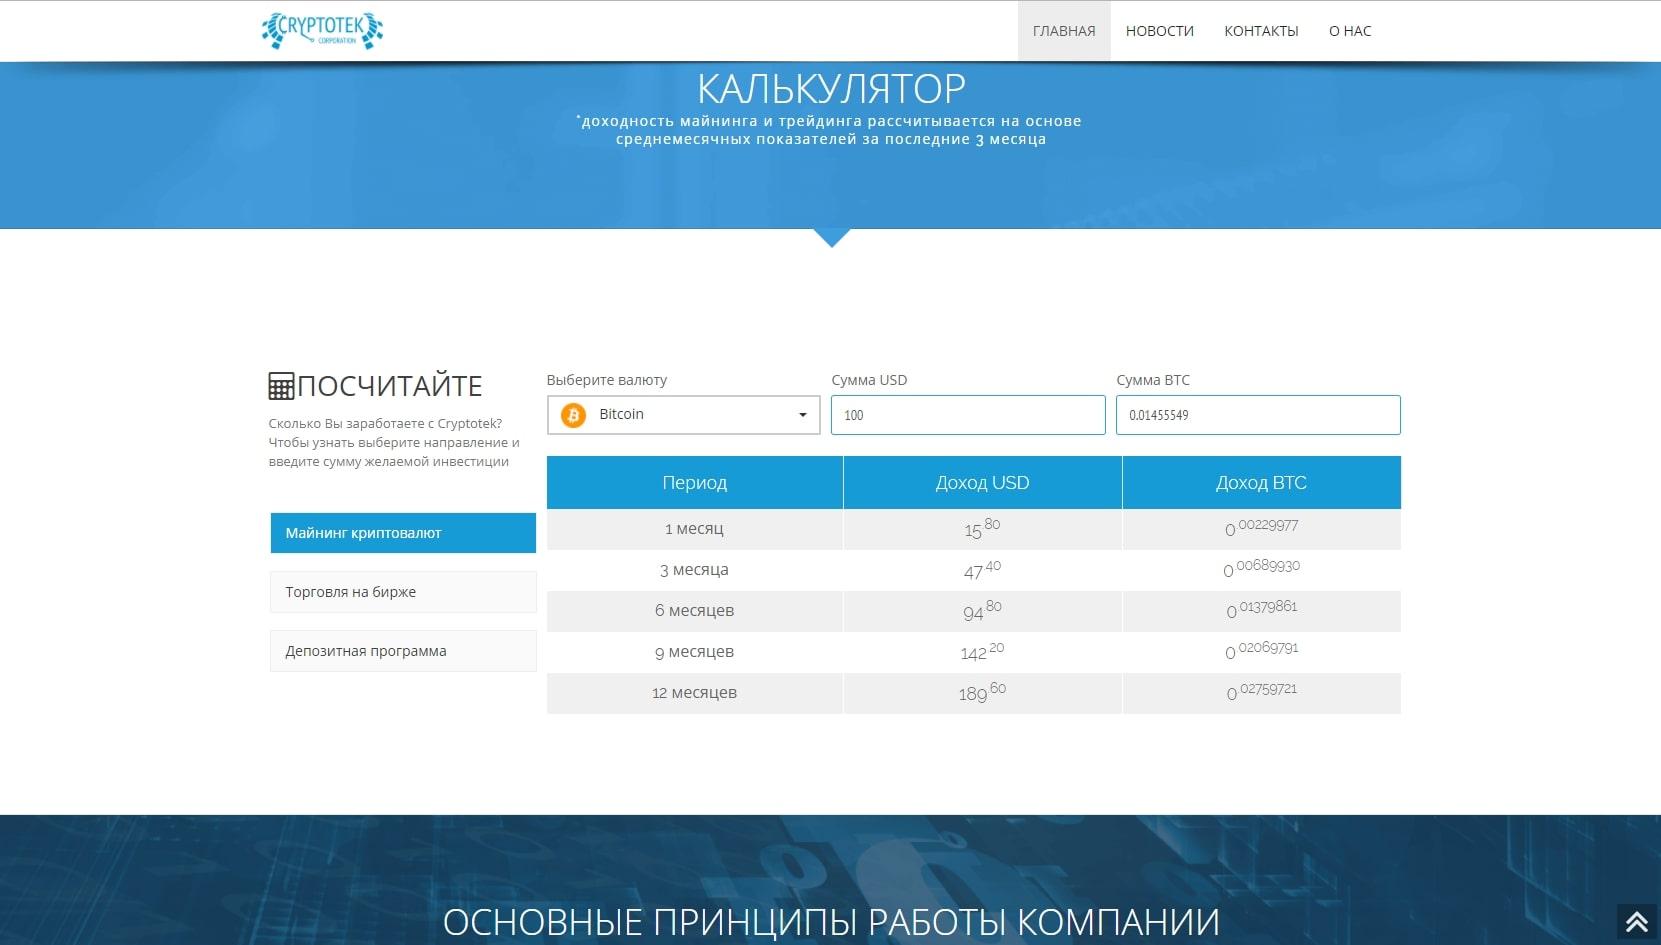 Калькулятор сервиса Cryptotek